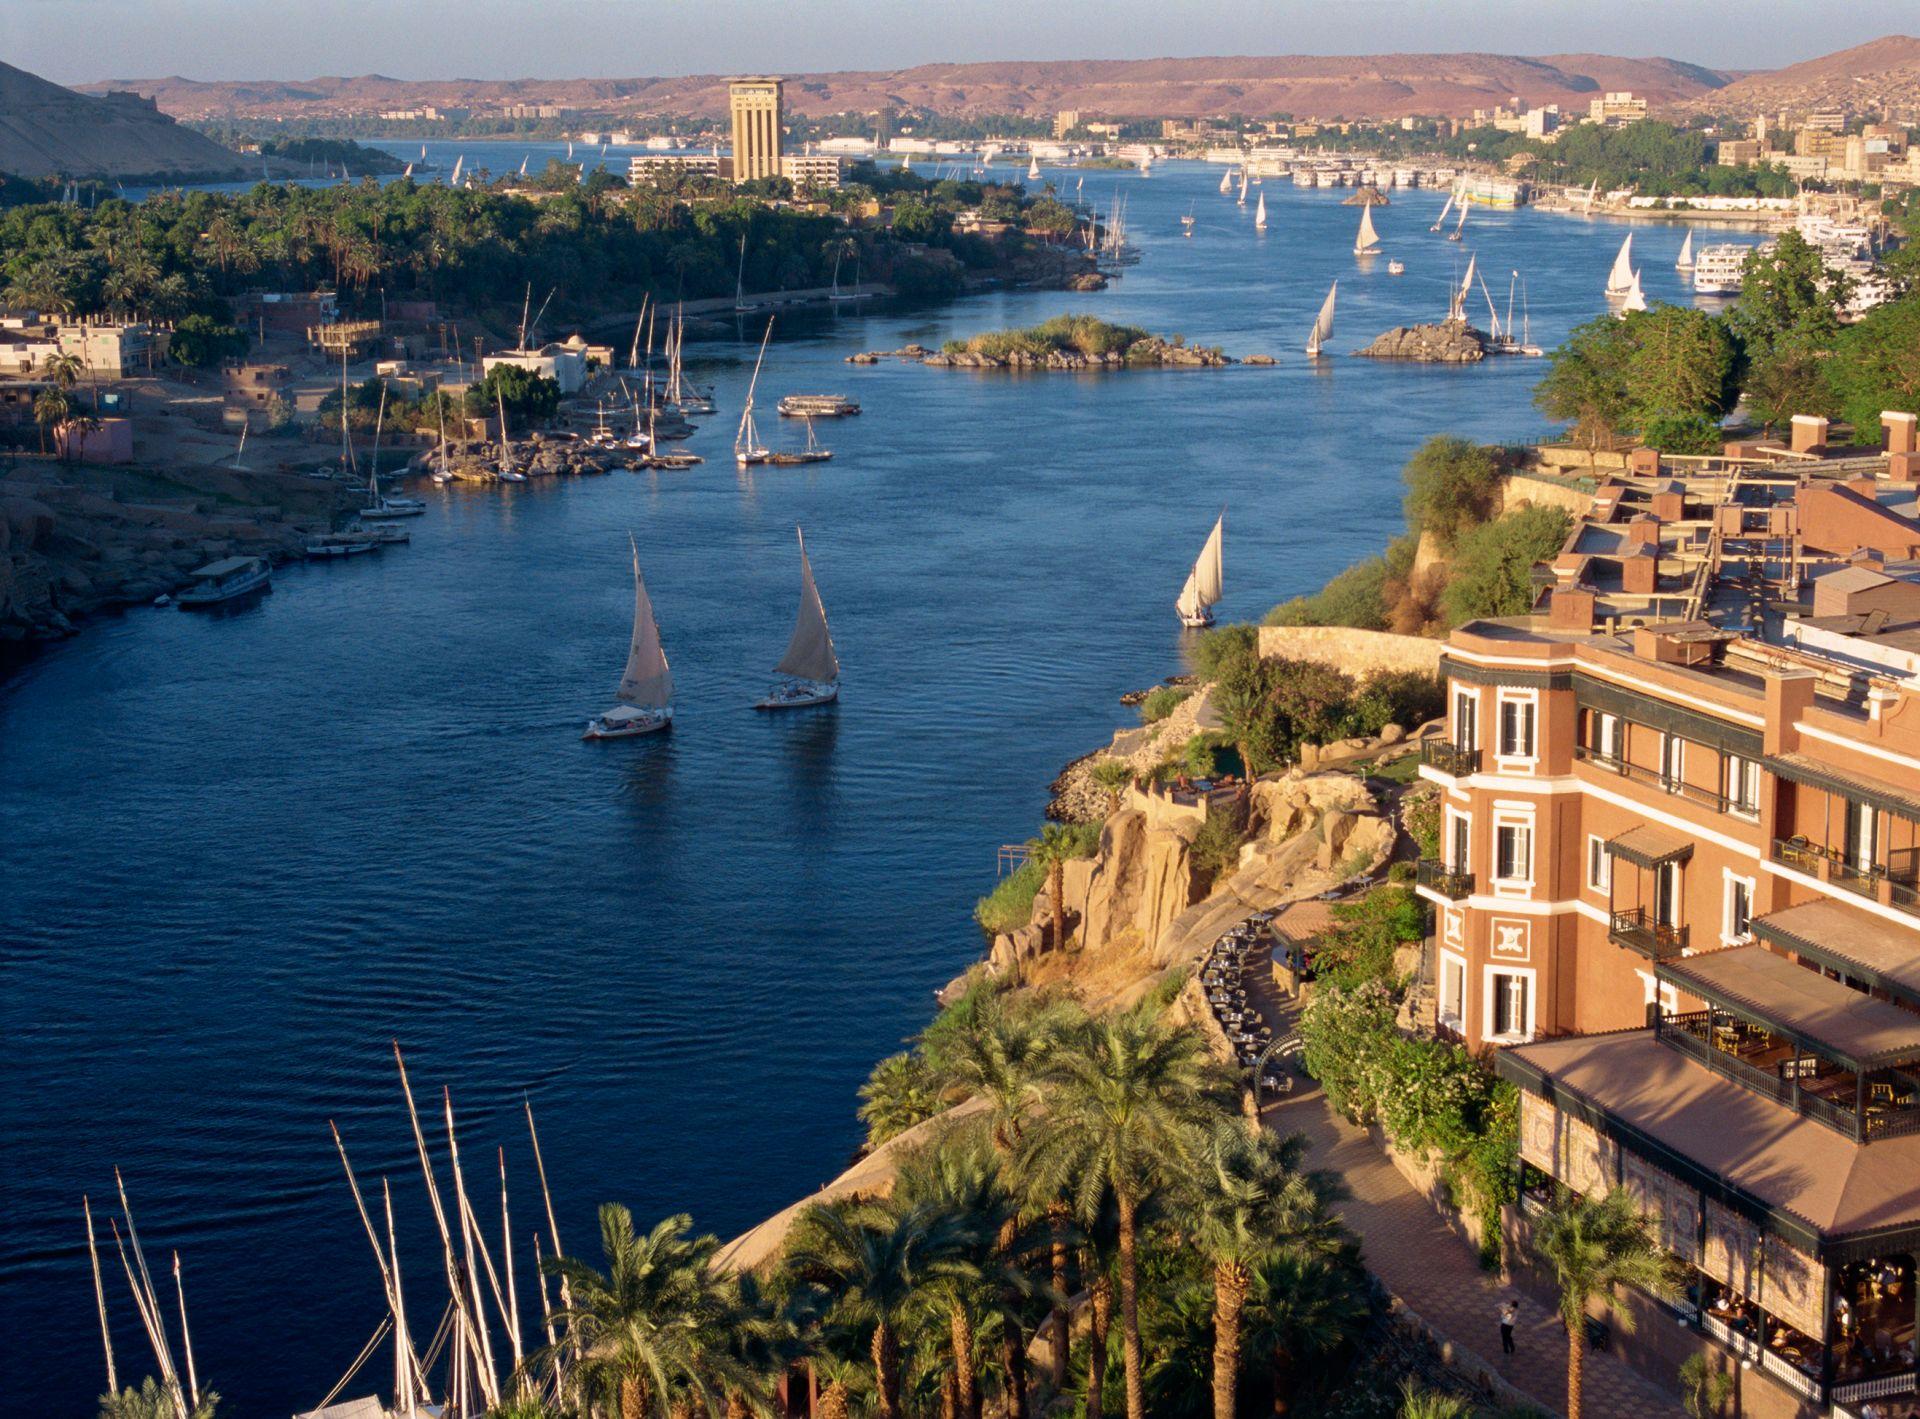 بالصور اكبر نهر في العالم , اكبر نهر في الكره الارضيه 2145 11